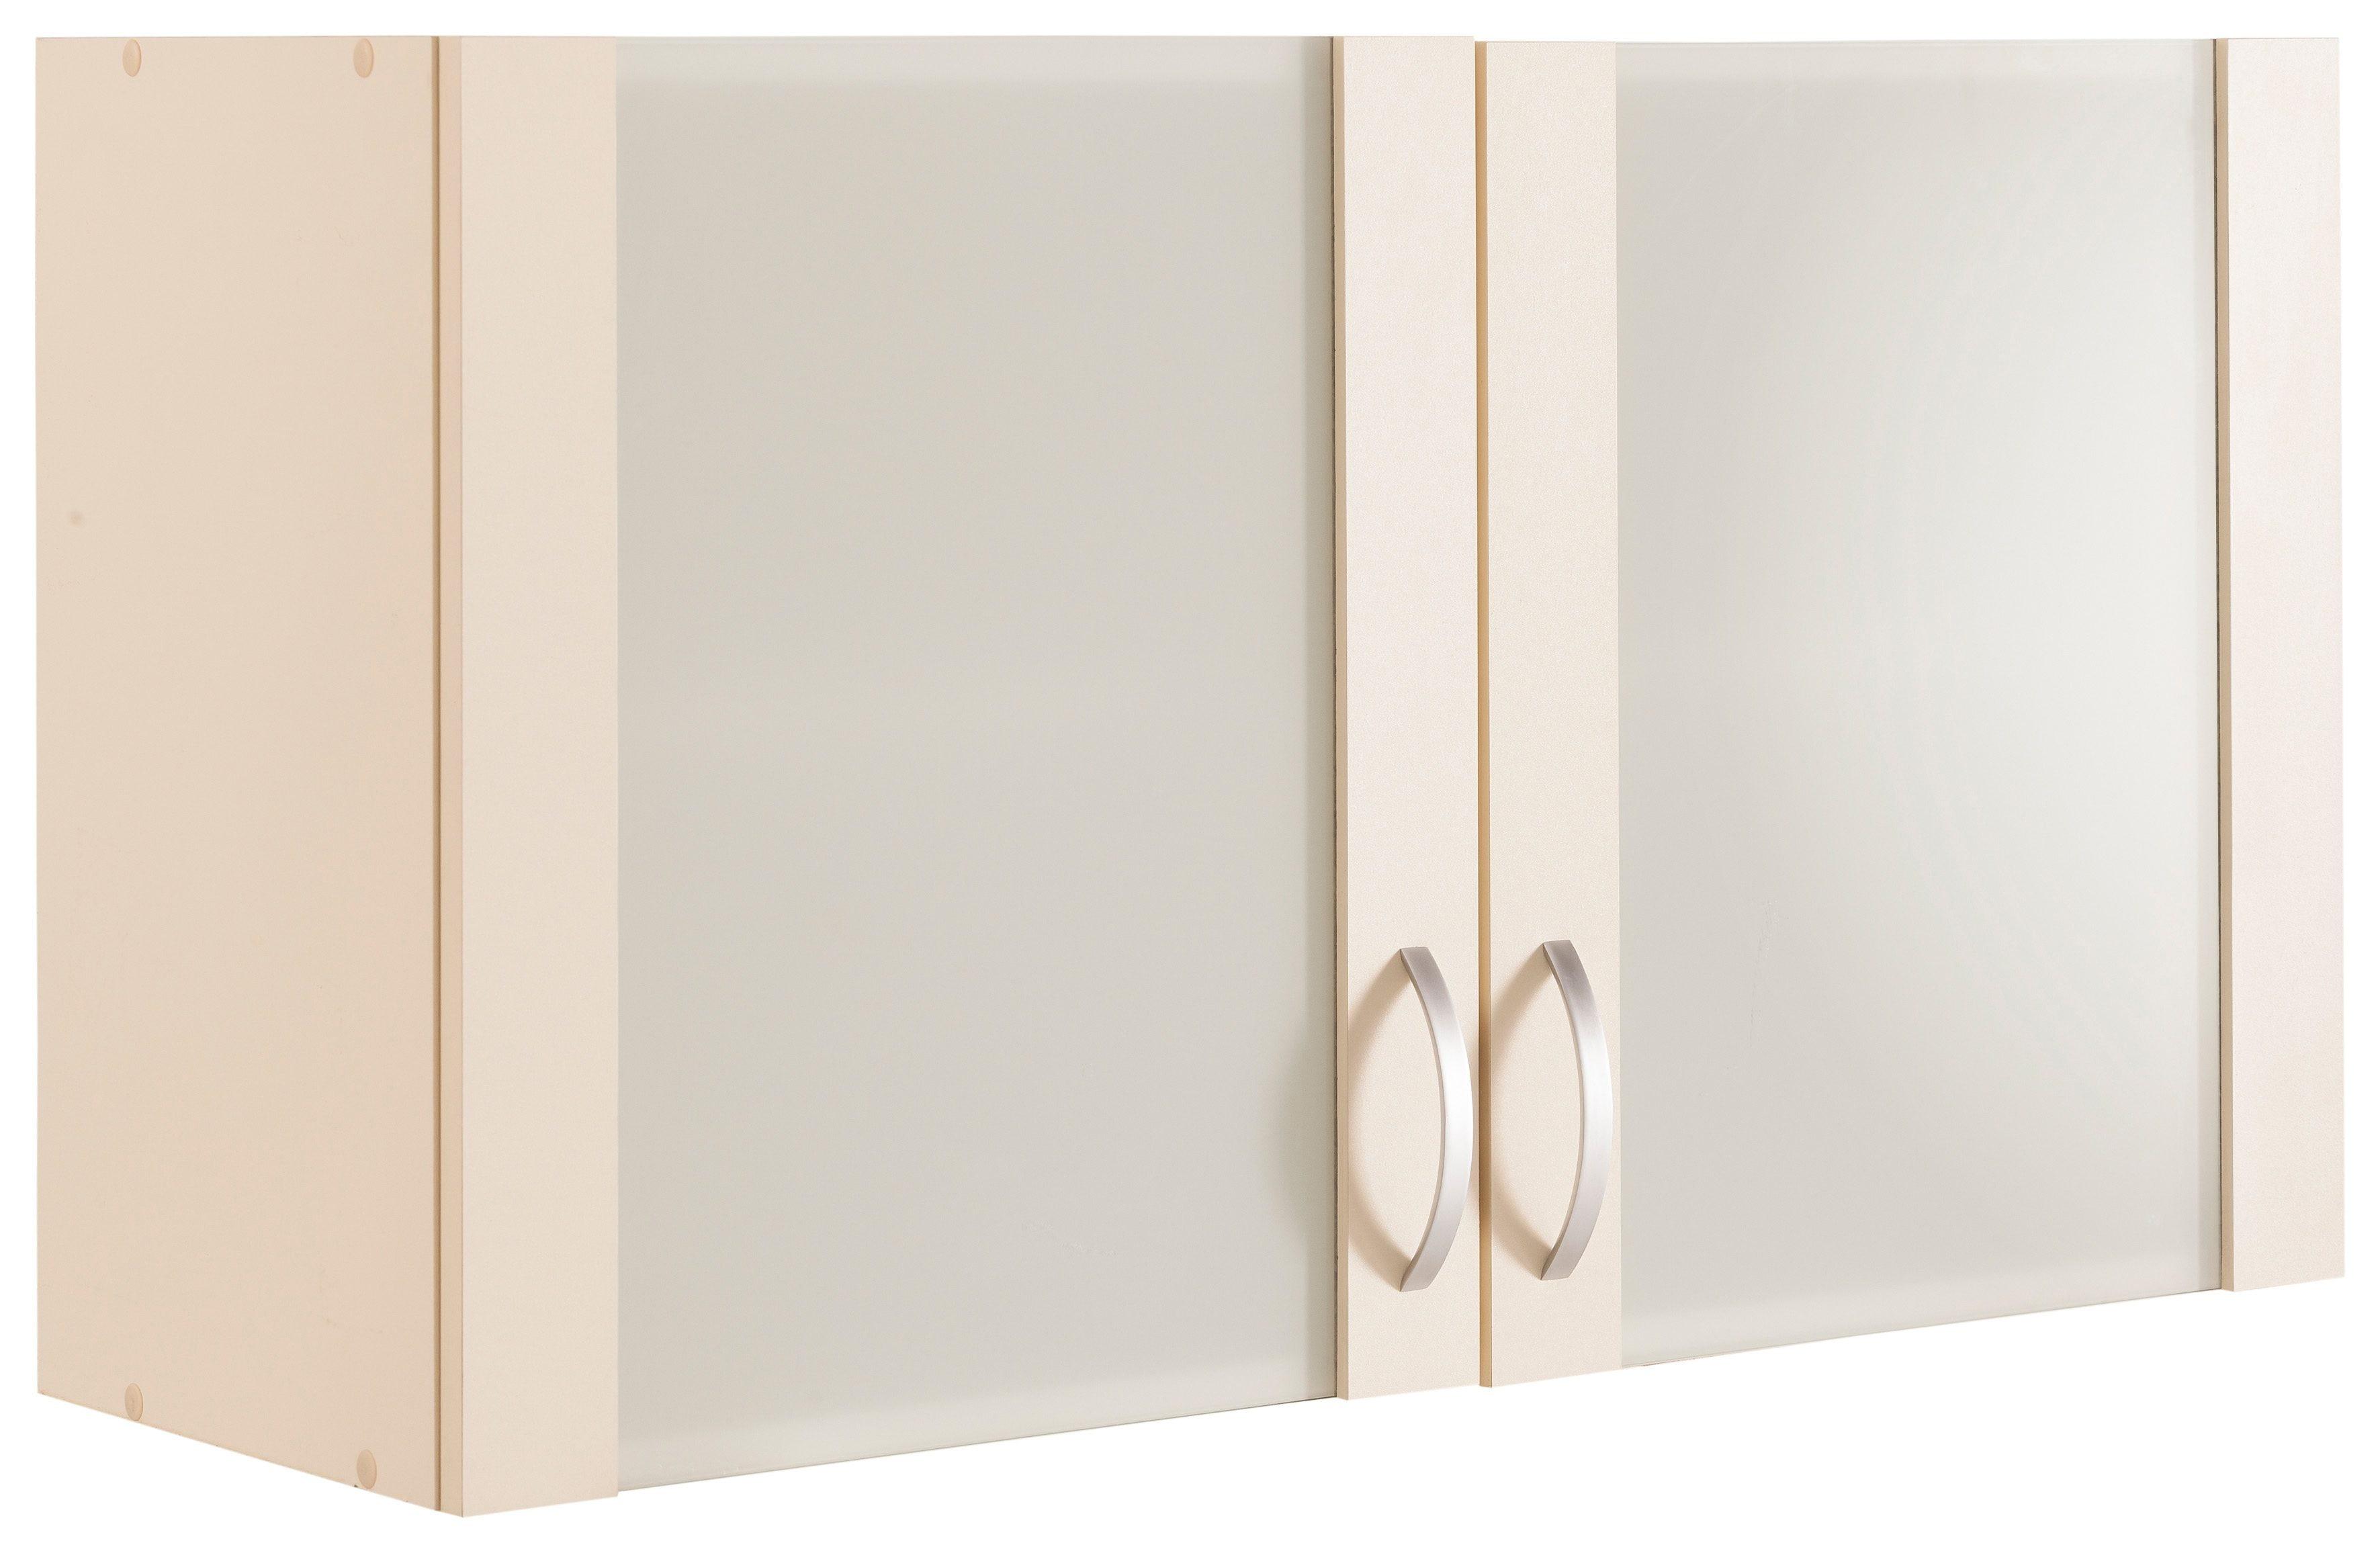 Glashänger »Flexi«, Breite 100 cm   Wohnzimmer > Schränke > Hängeschränke   Gelb